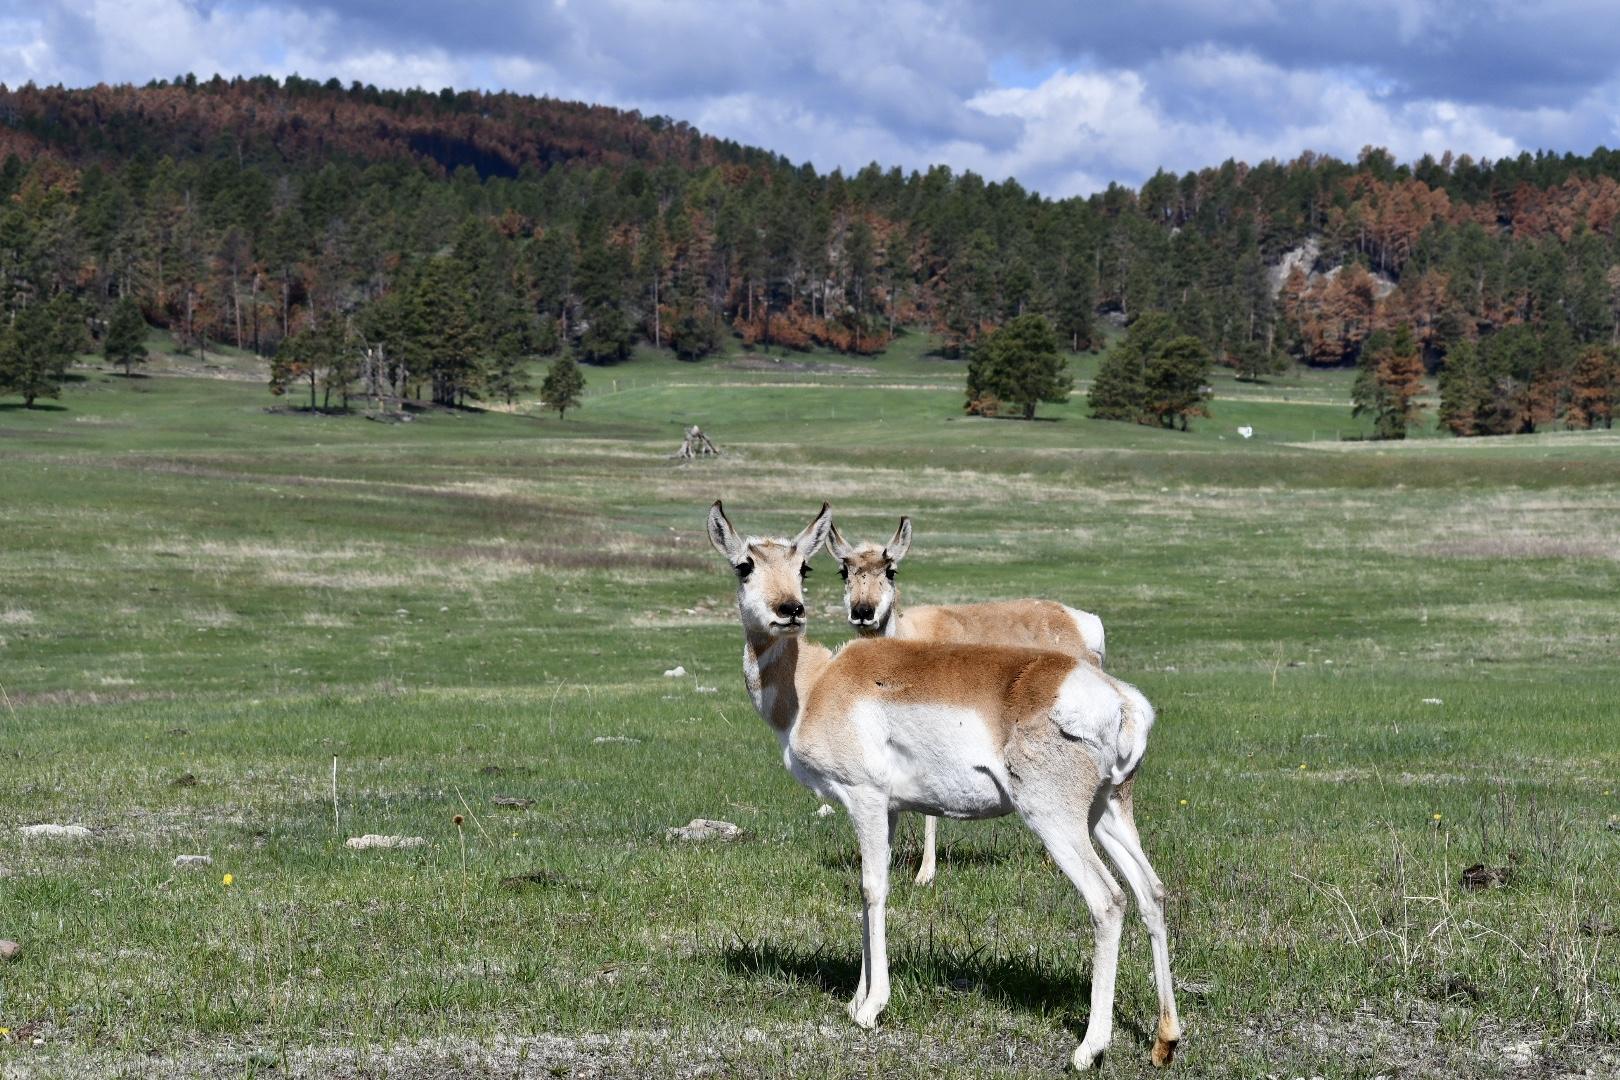 Auf einer Wiese im Custer State Park stehen zwei weiß-hellbraune Antilopen und schauen zur Kamera, im Hintergrund Nadelwald